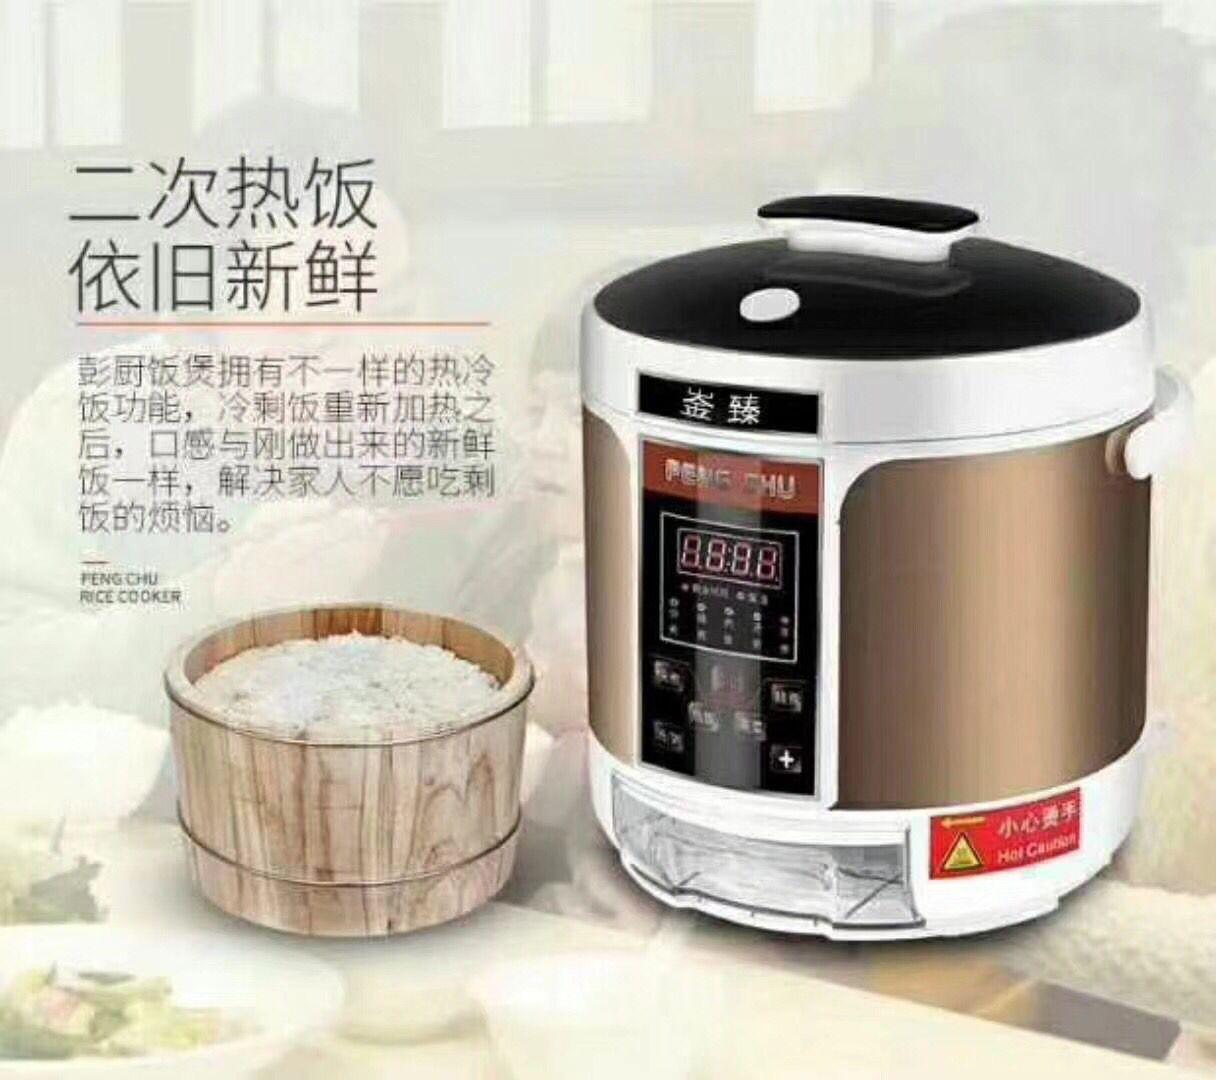 彭厨蒸汽沥米汤甑子脱糖仪食疗养生木桶饭煲固原无糖电饭煲厂家